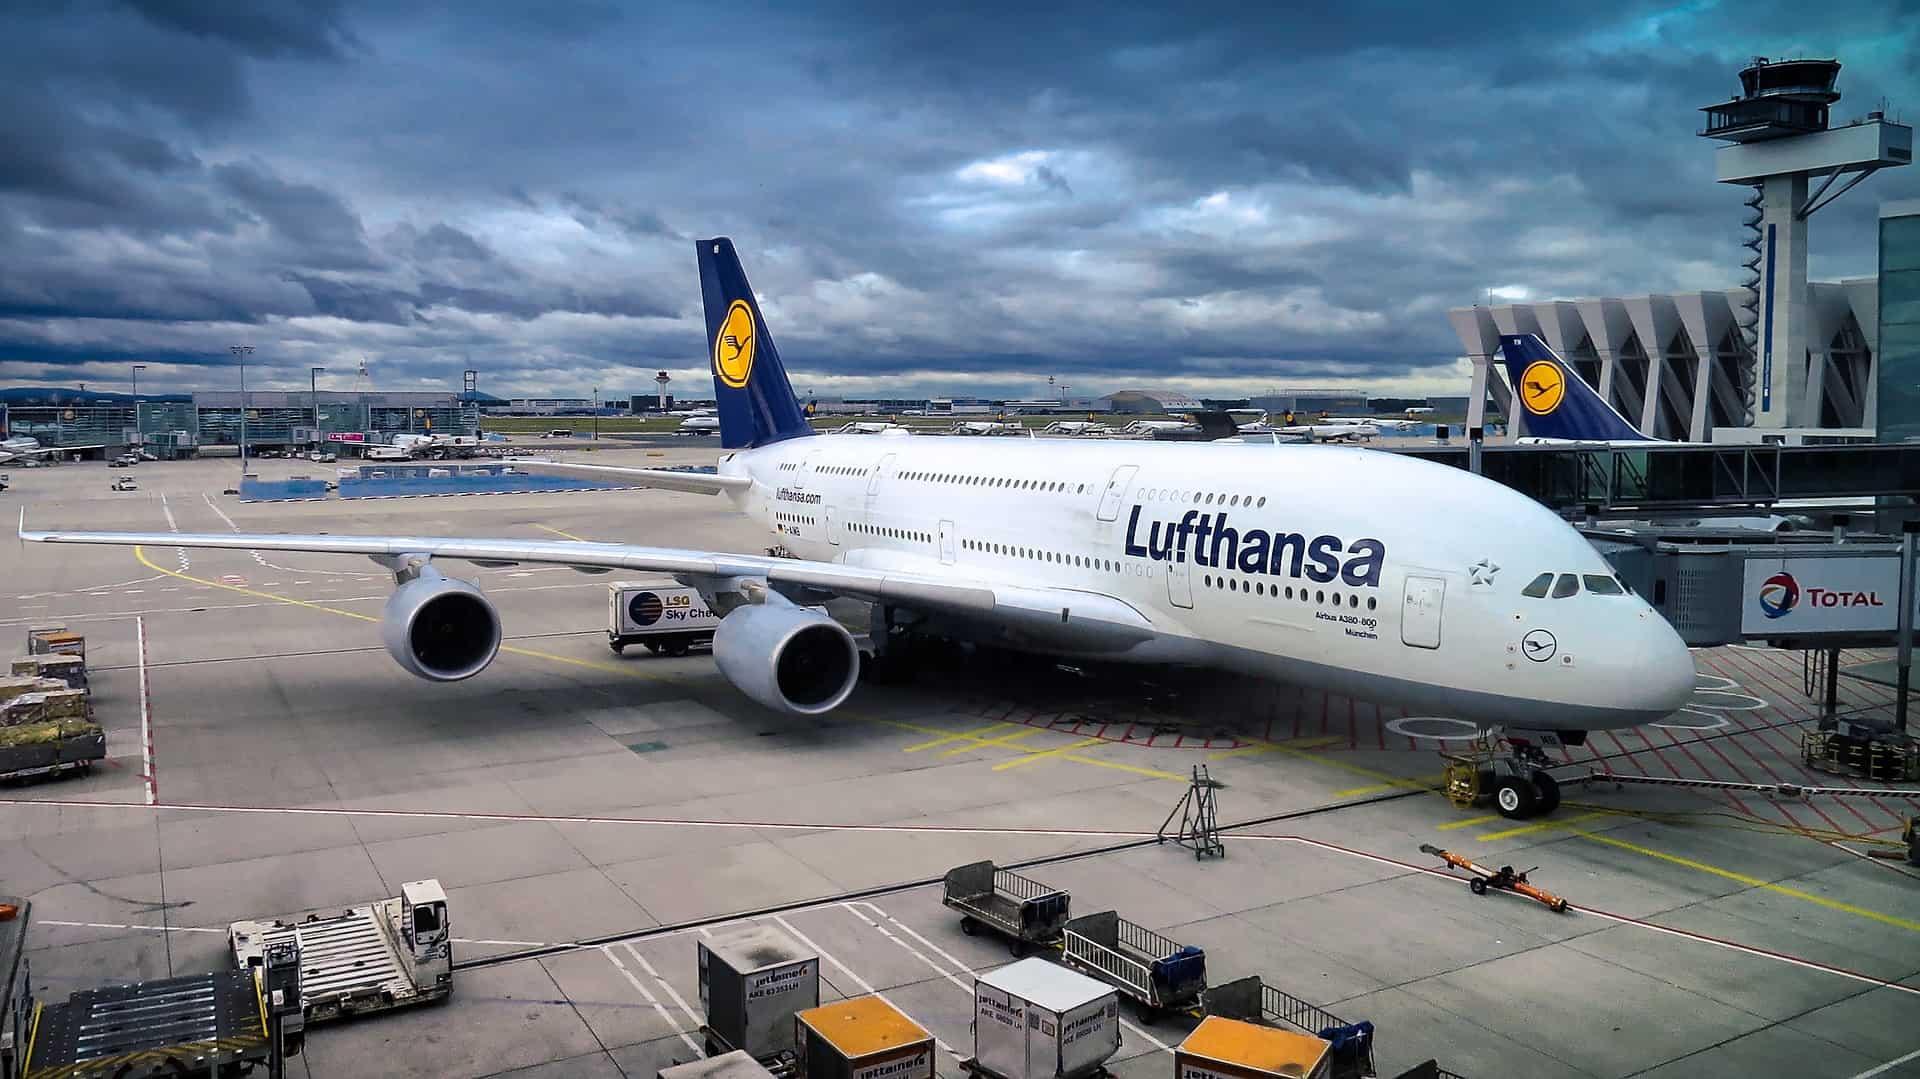 Lufthansa Gutschein - 30,00€ Rabatt Aktionscode